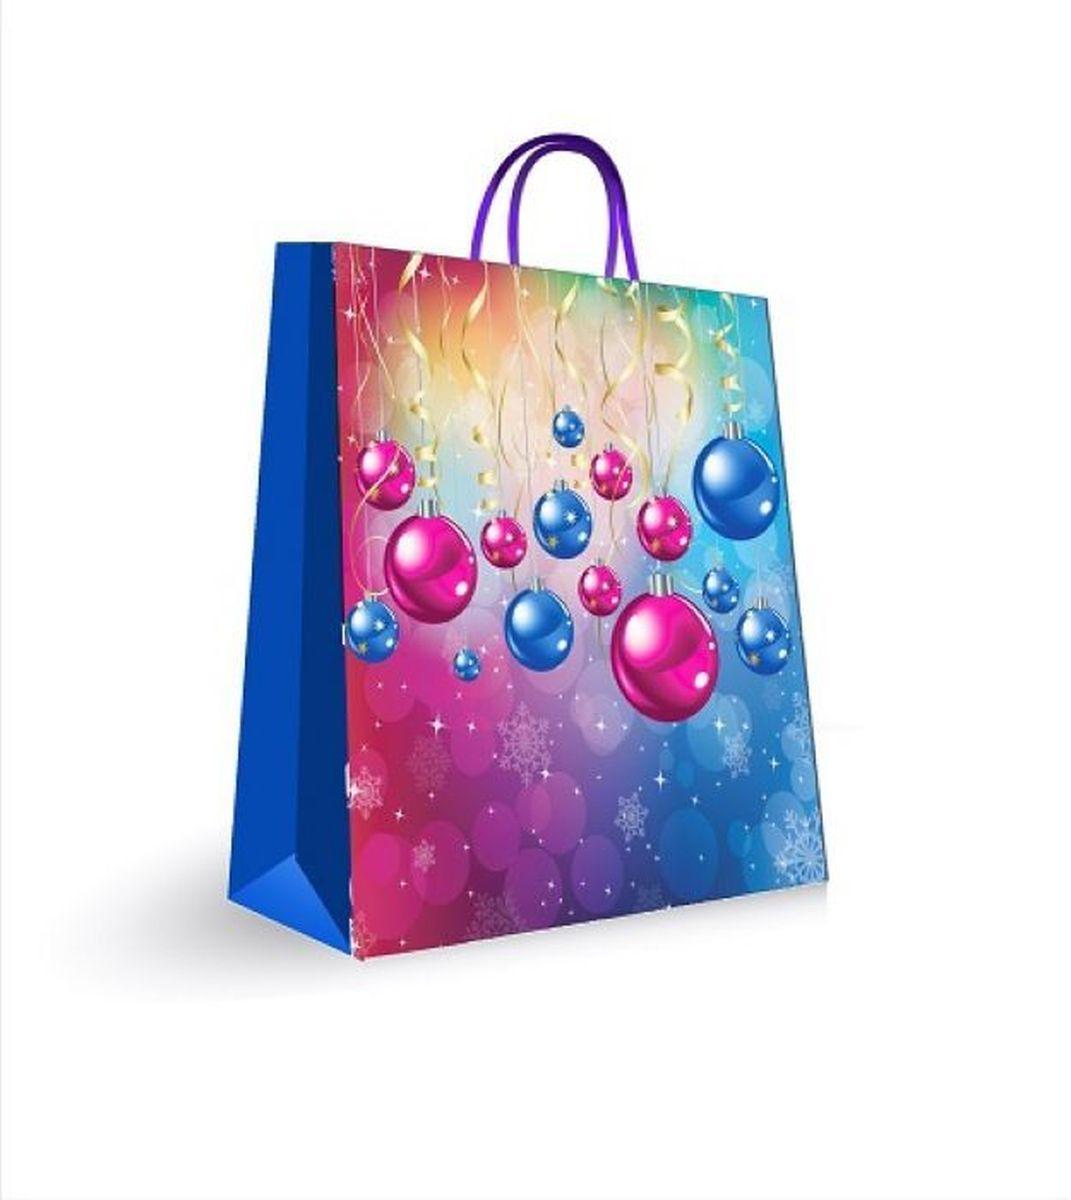 Пакет подарочный Magic Time, цвет: синий, 18 х 23 х 10 см31448Бумажный пакет 18*23*10 см для сувенирной продукции